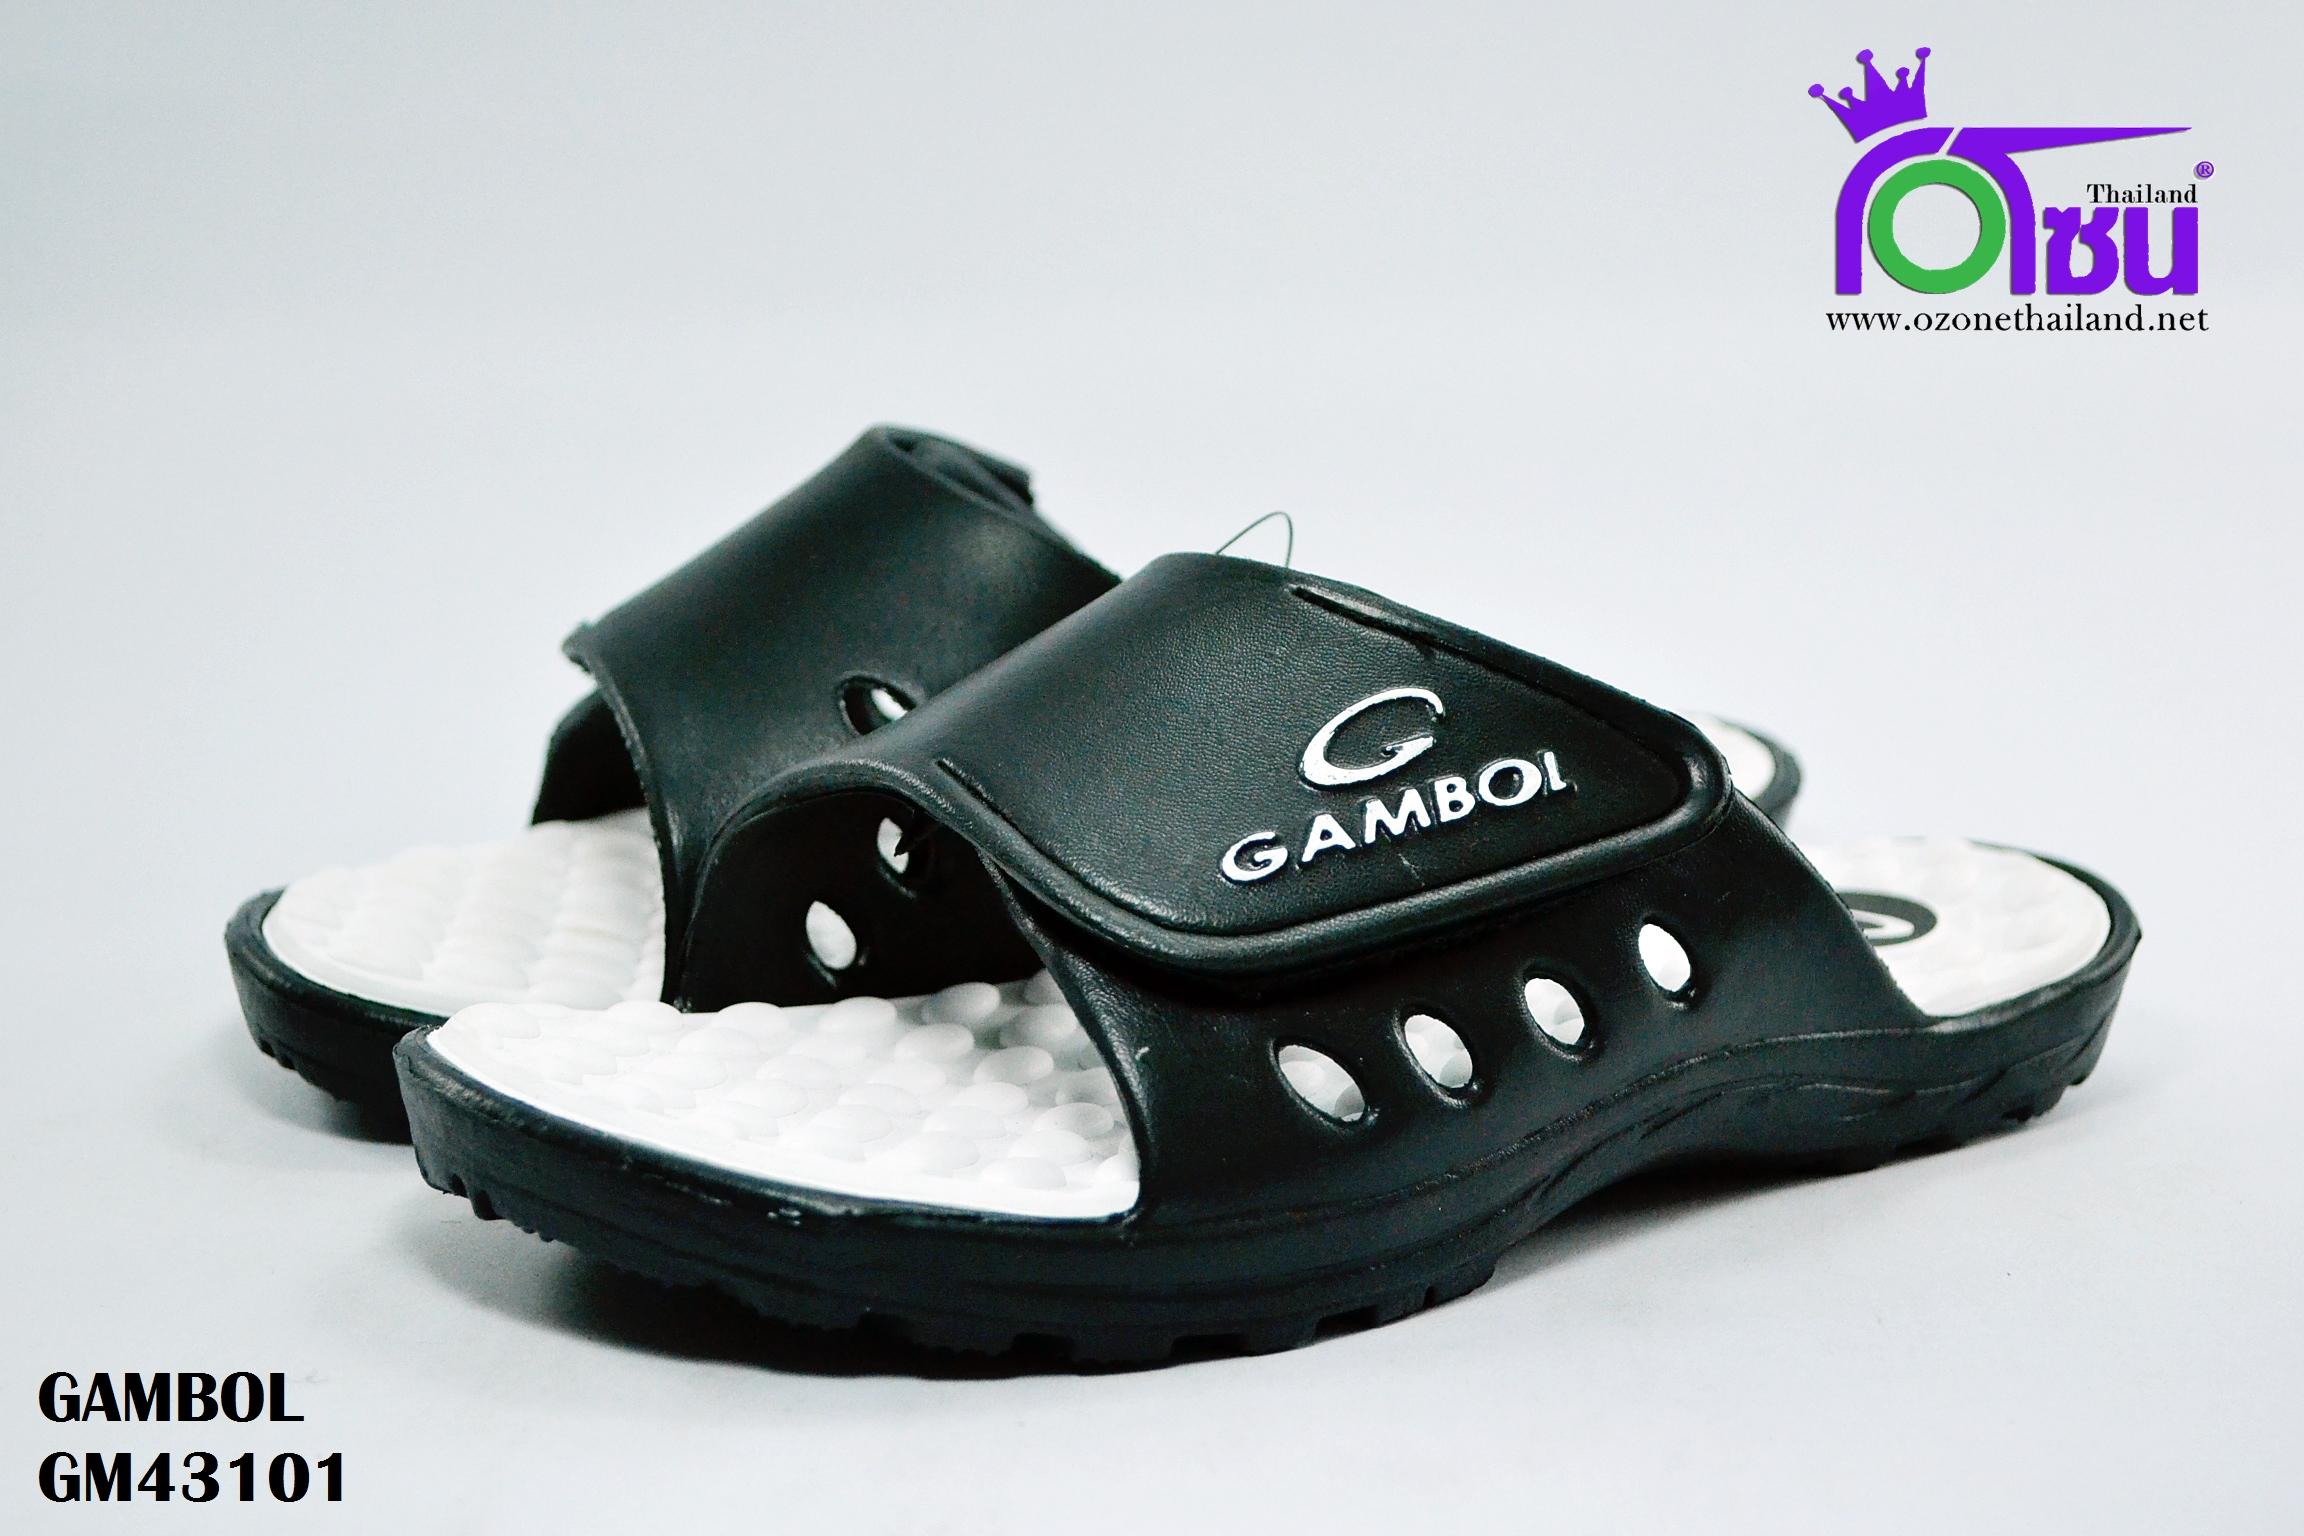 รองเท้าแตะ GAMBOL แกมโบล รุ่น GM 43101 สีขาว เบอร์ 4-9